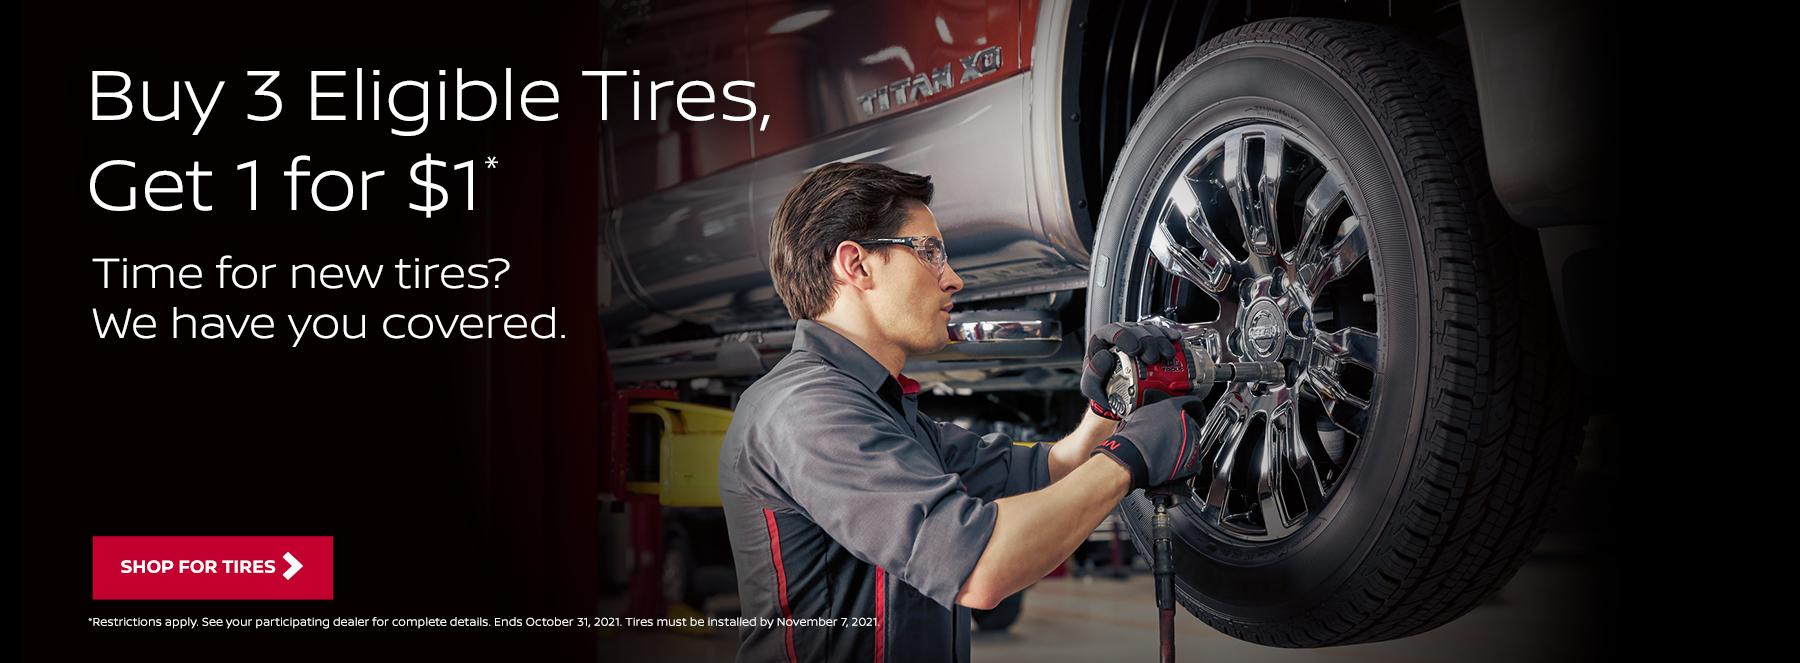 buy_3_tires